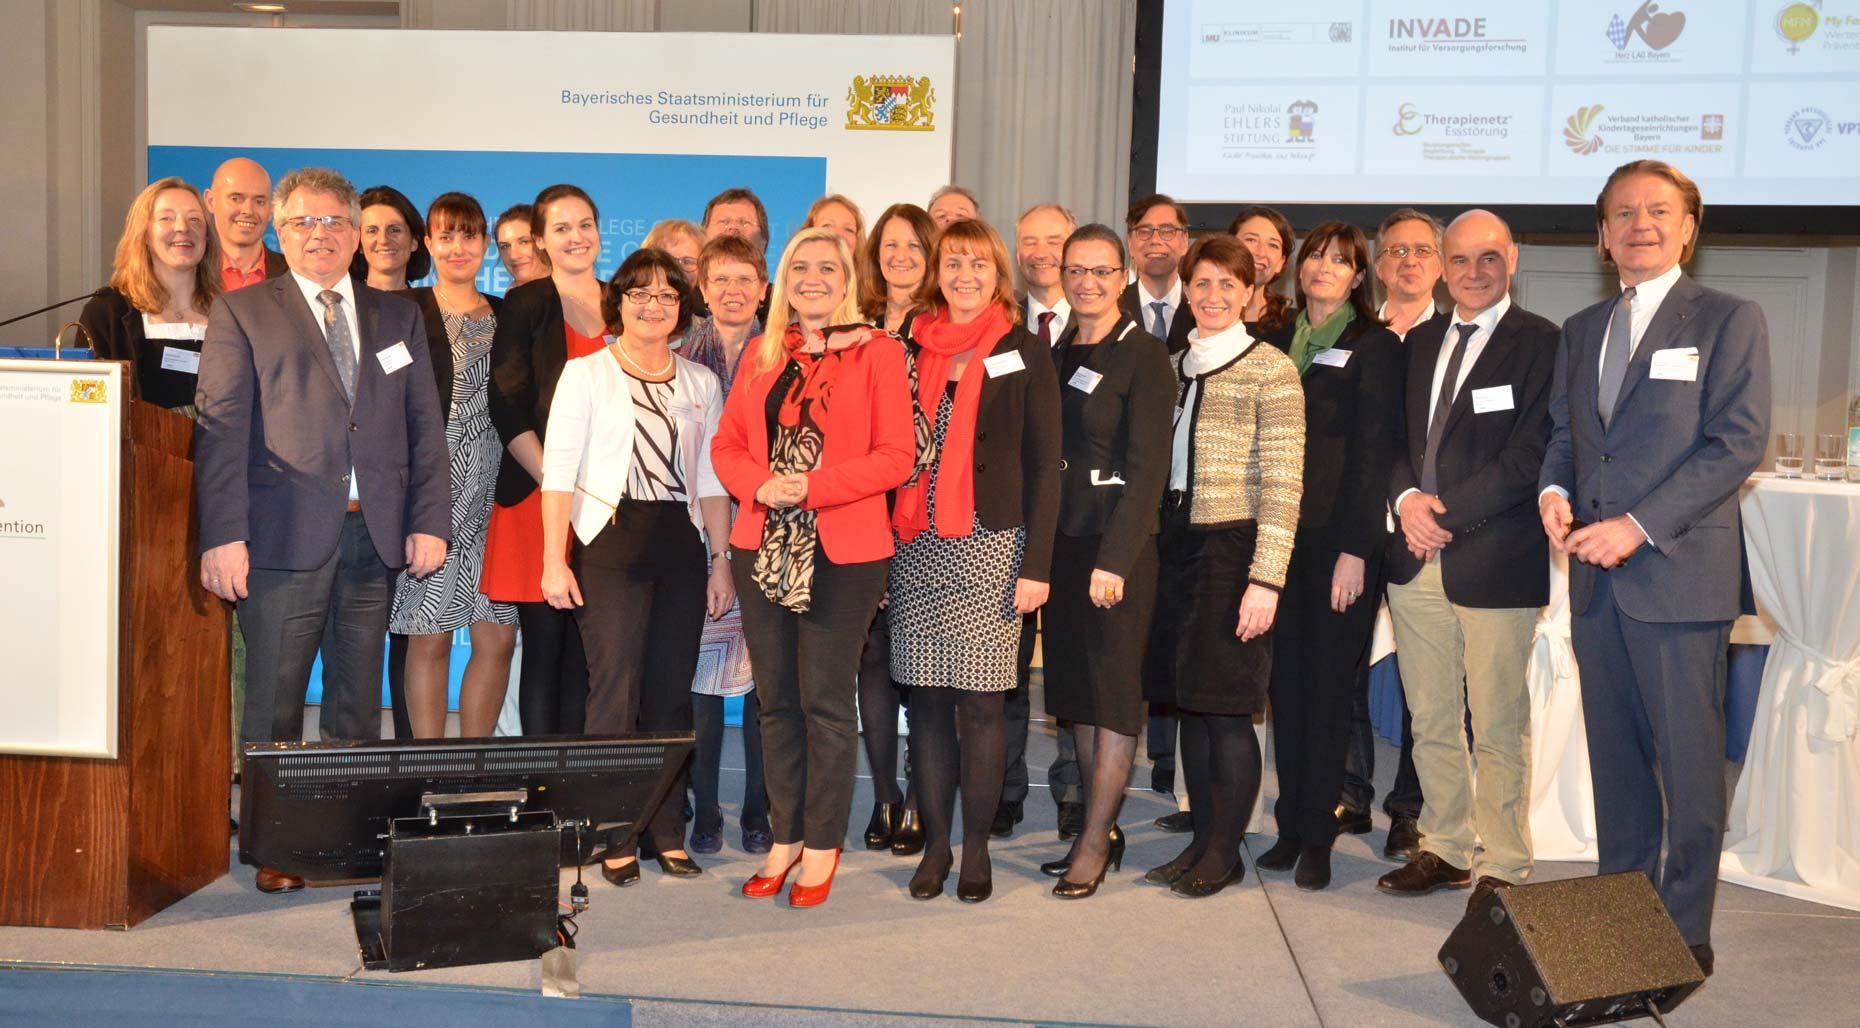 19 Mitglieder traten dem Bündnis für Prävention bei seinem 2. Forum in der Münchner Residenz am 20. März 2017 bei.